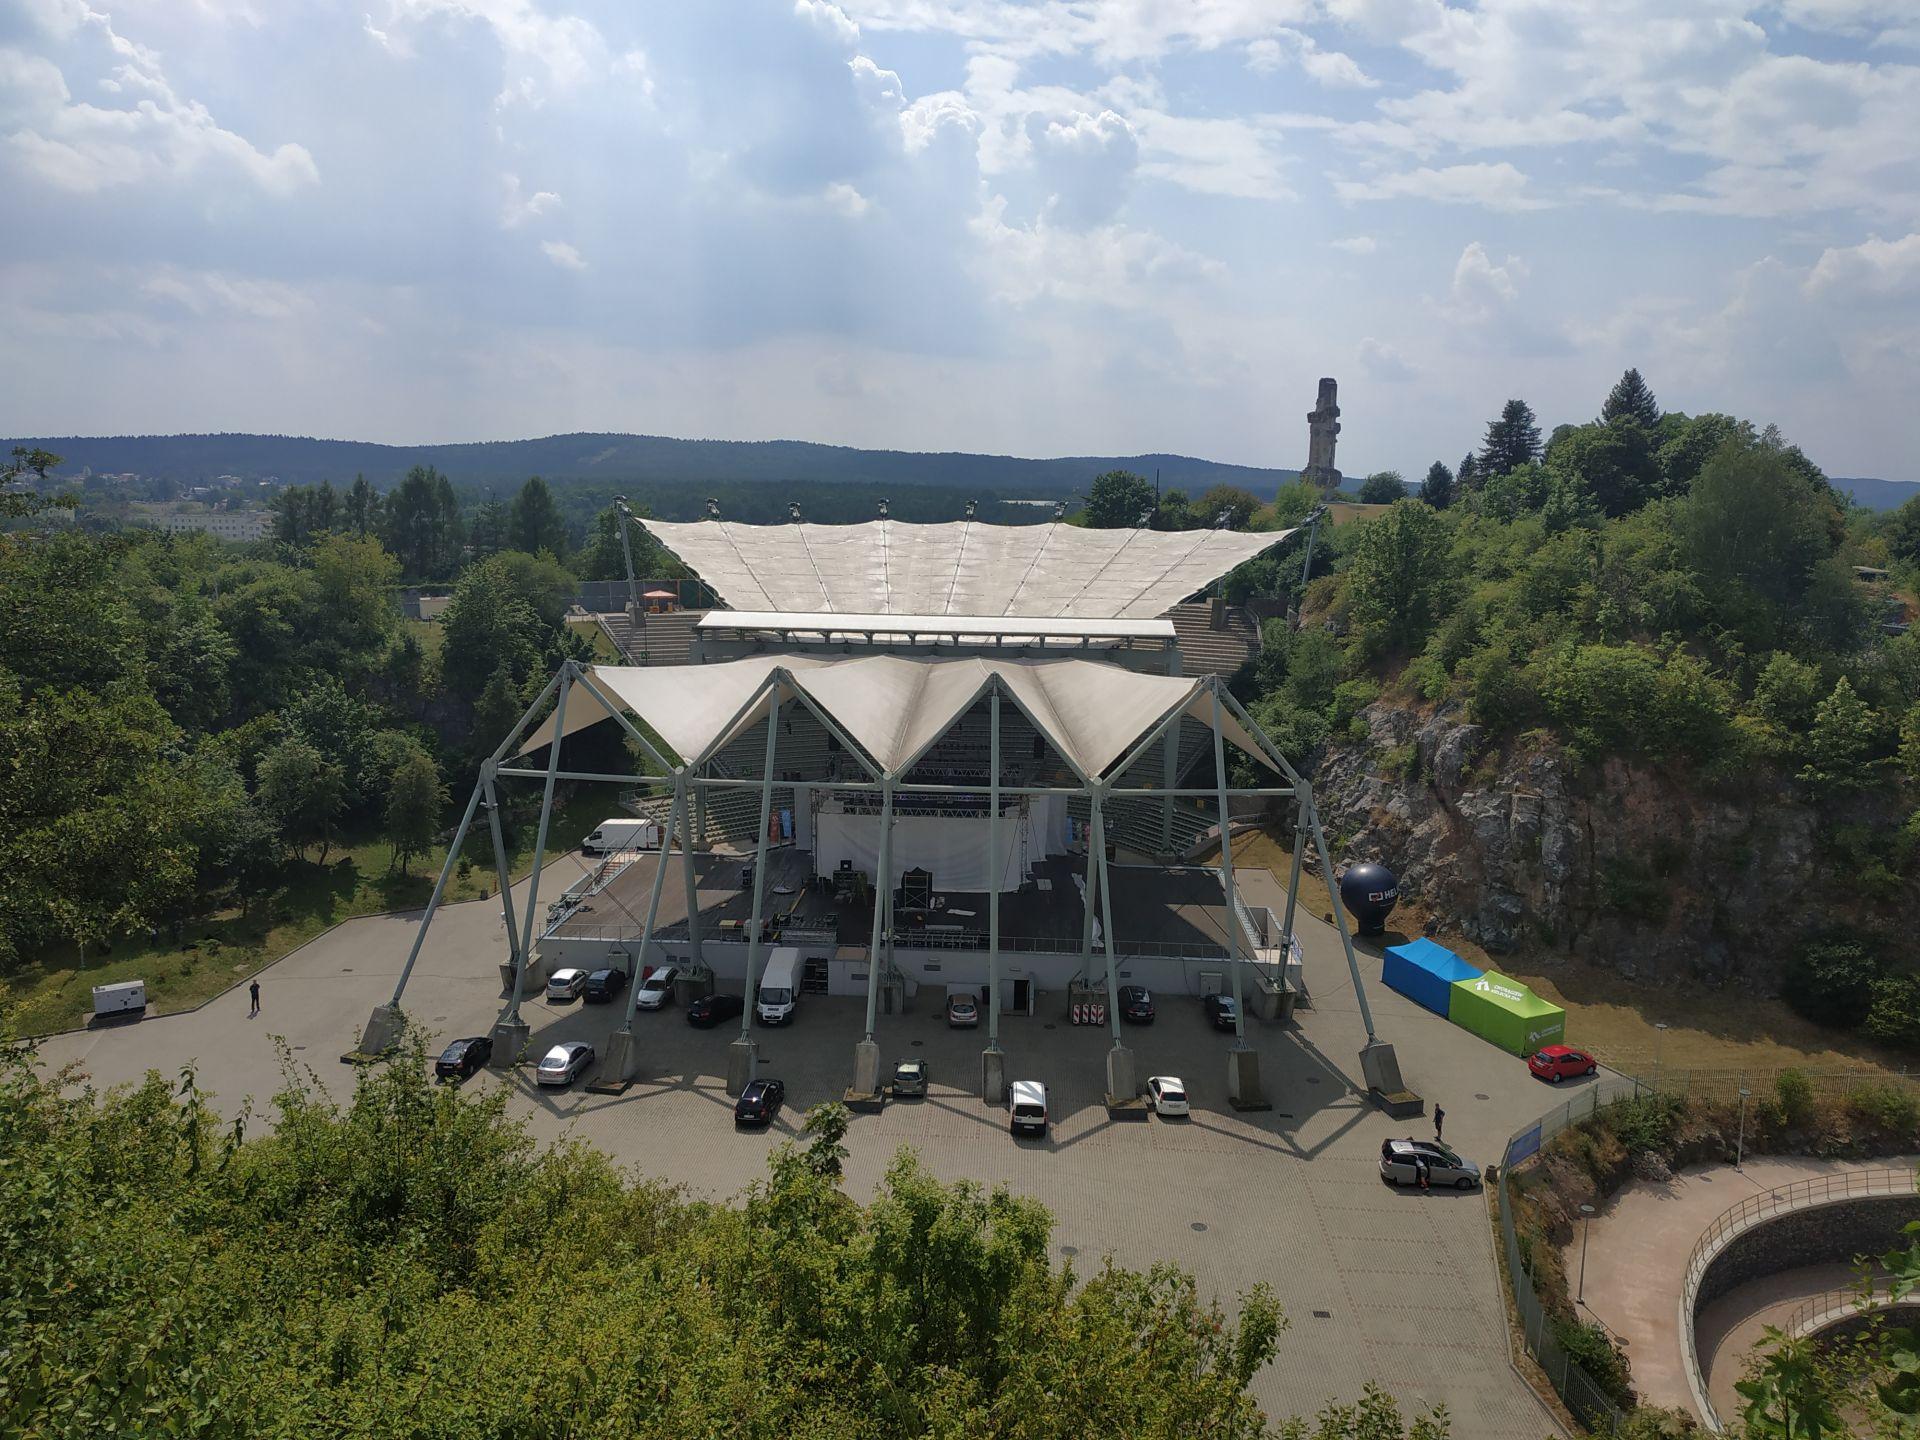 Amfiteatr Kadzielnia